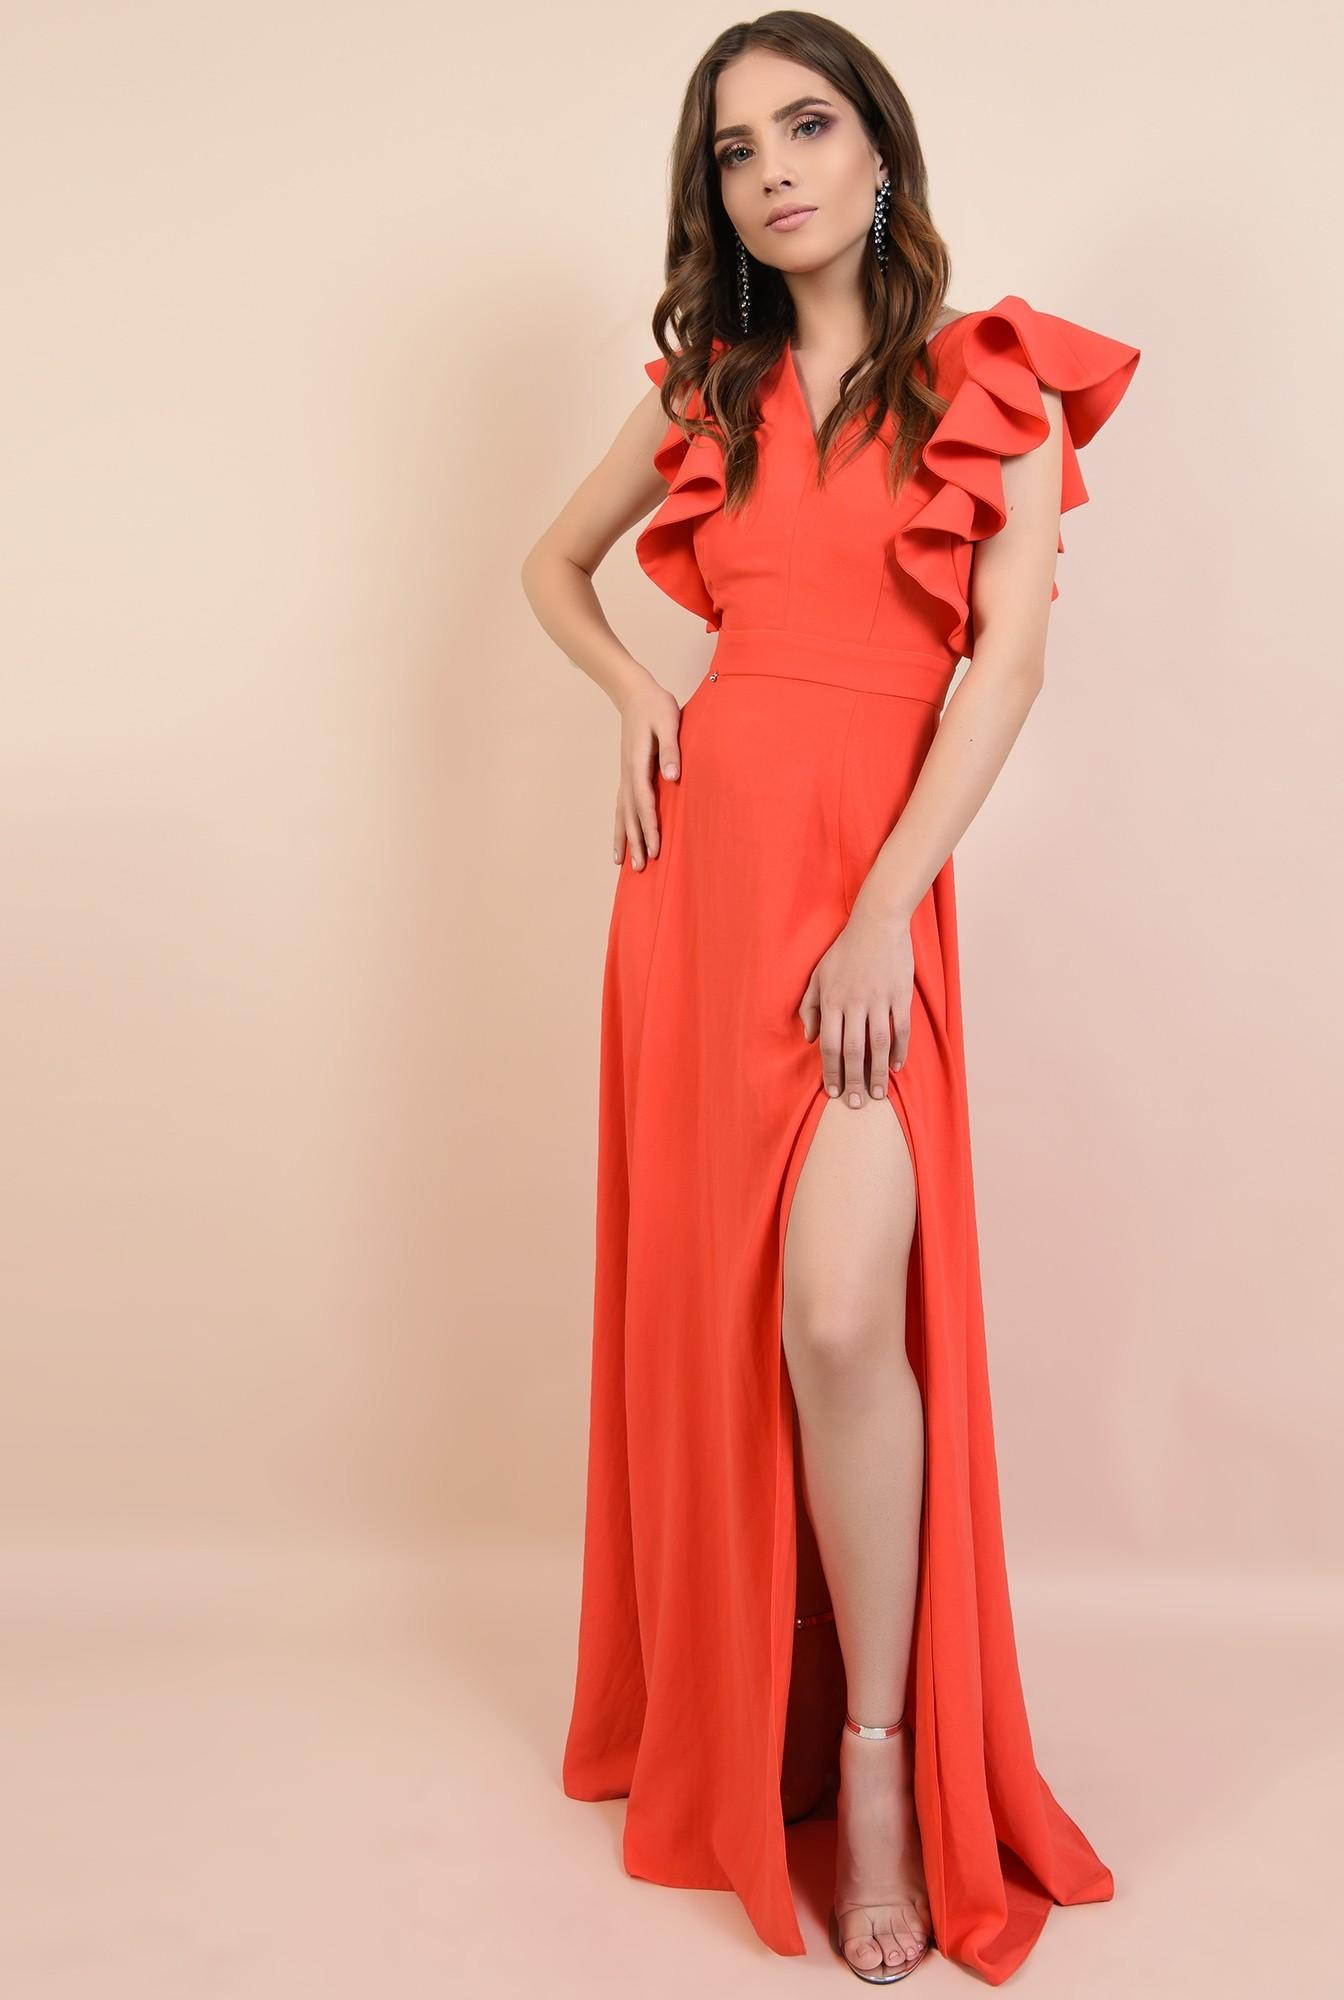 3 - rochie lunga, rosie, cu crapeu, cu volane la maneci, Poema